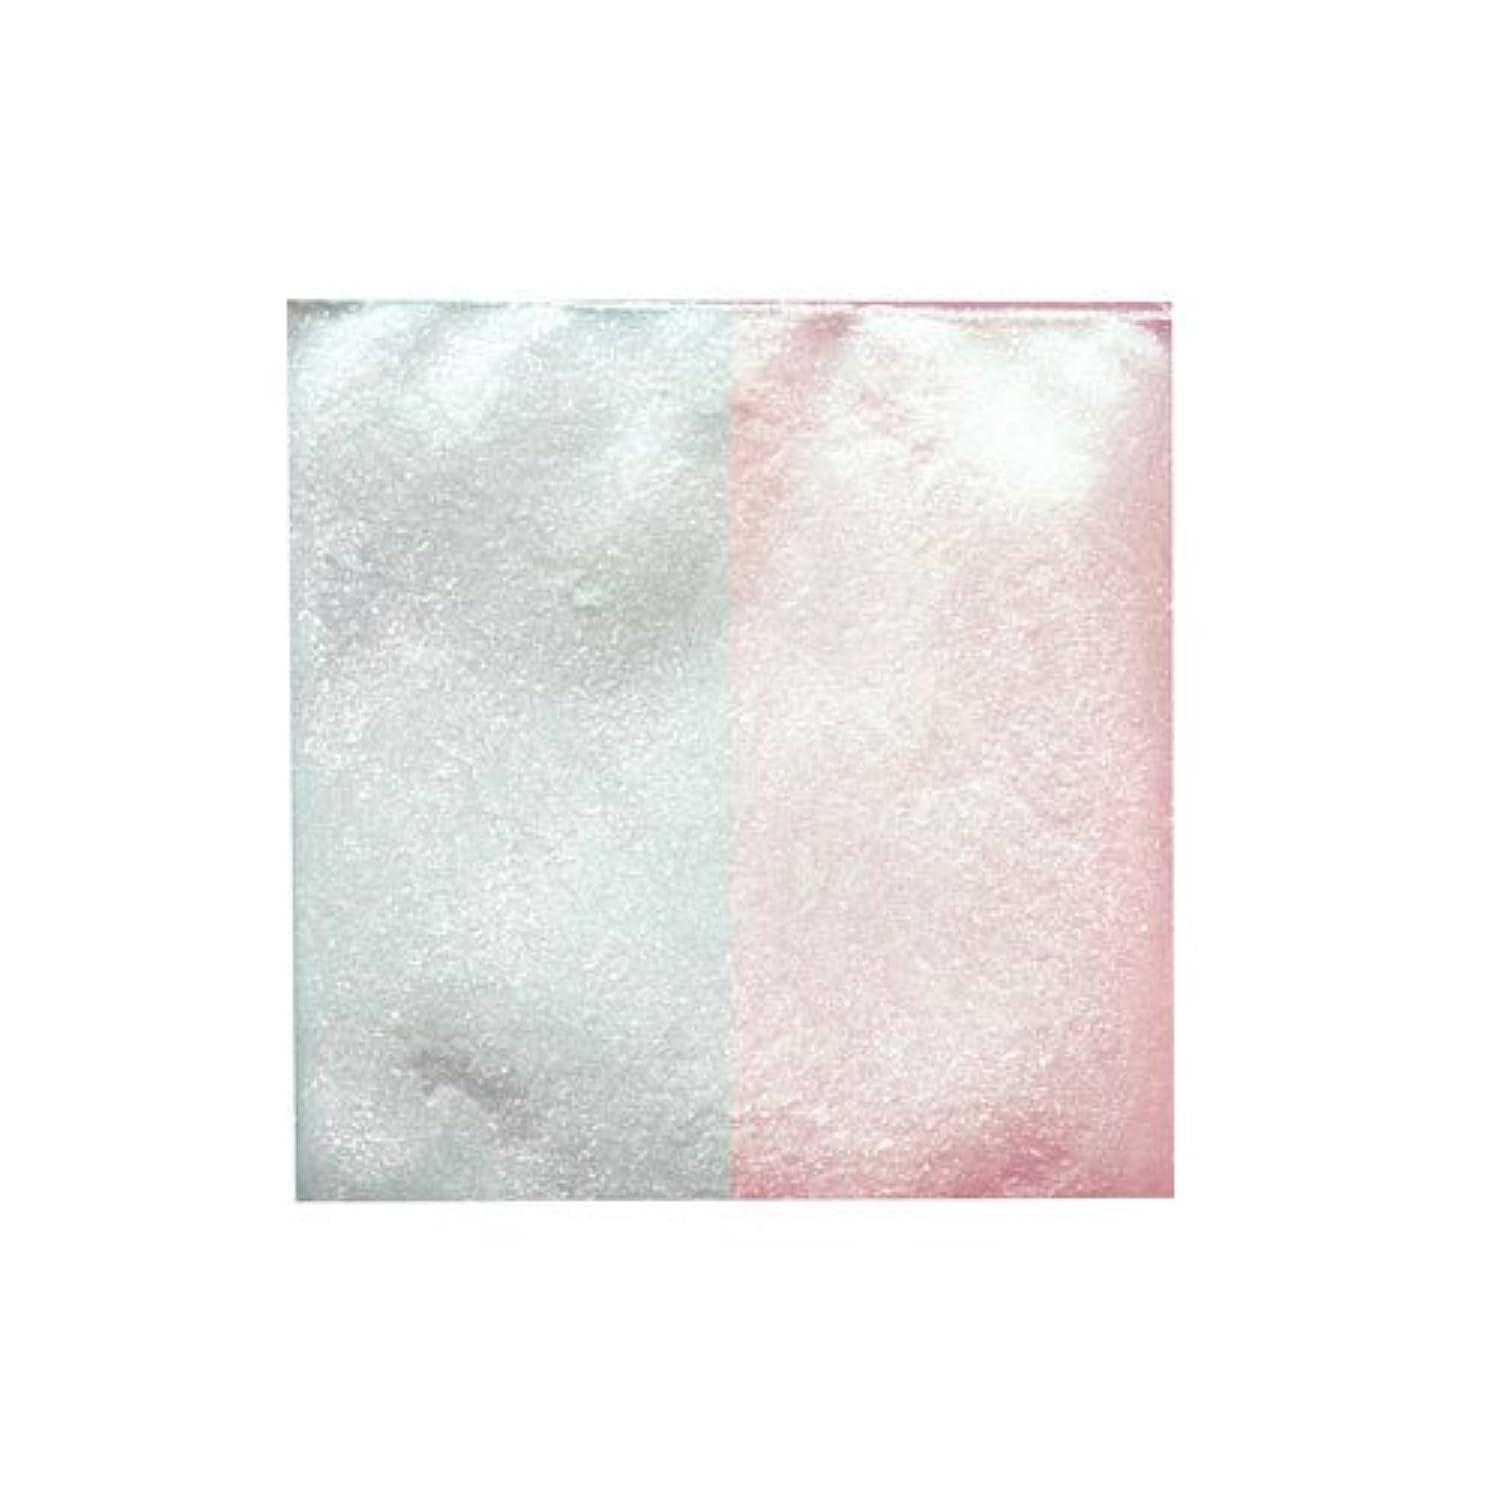 繊維生態学あいまいさピカエース ネイル用パウダー ピカエース シャインダスト #467 ミラーピンク 0.5g アート材